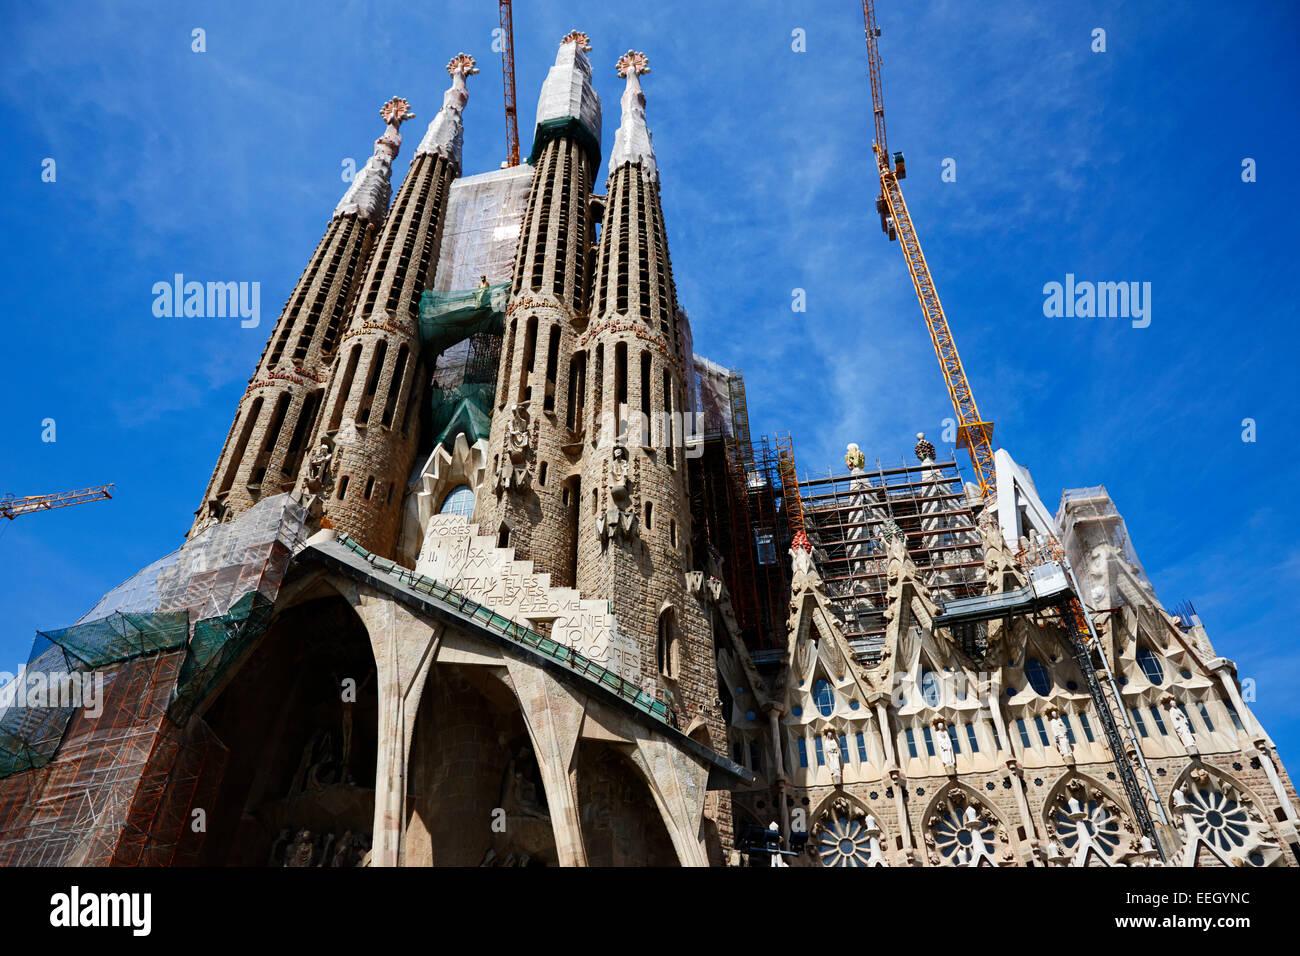 die Leidenschaft Fassade der Sagrada Familia Barcelona Katalonien Spanien Stockbild